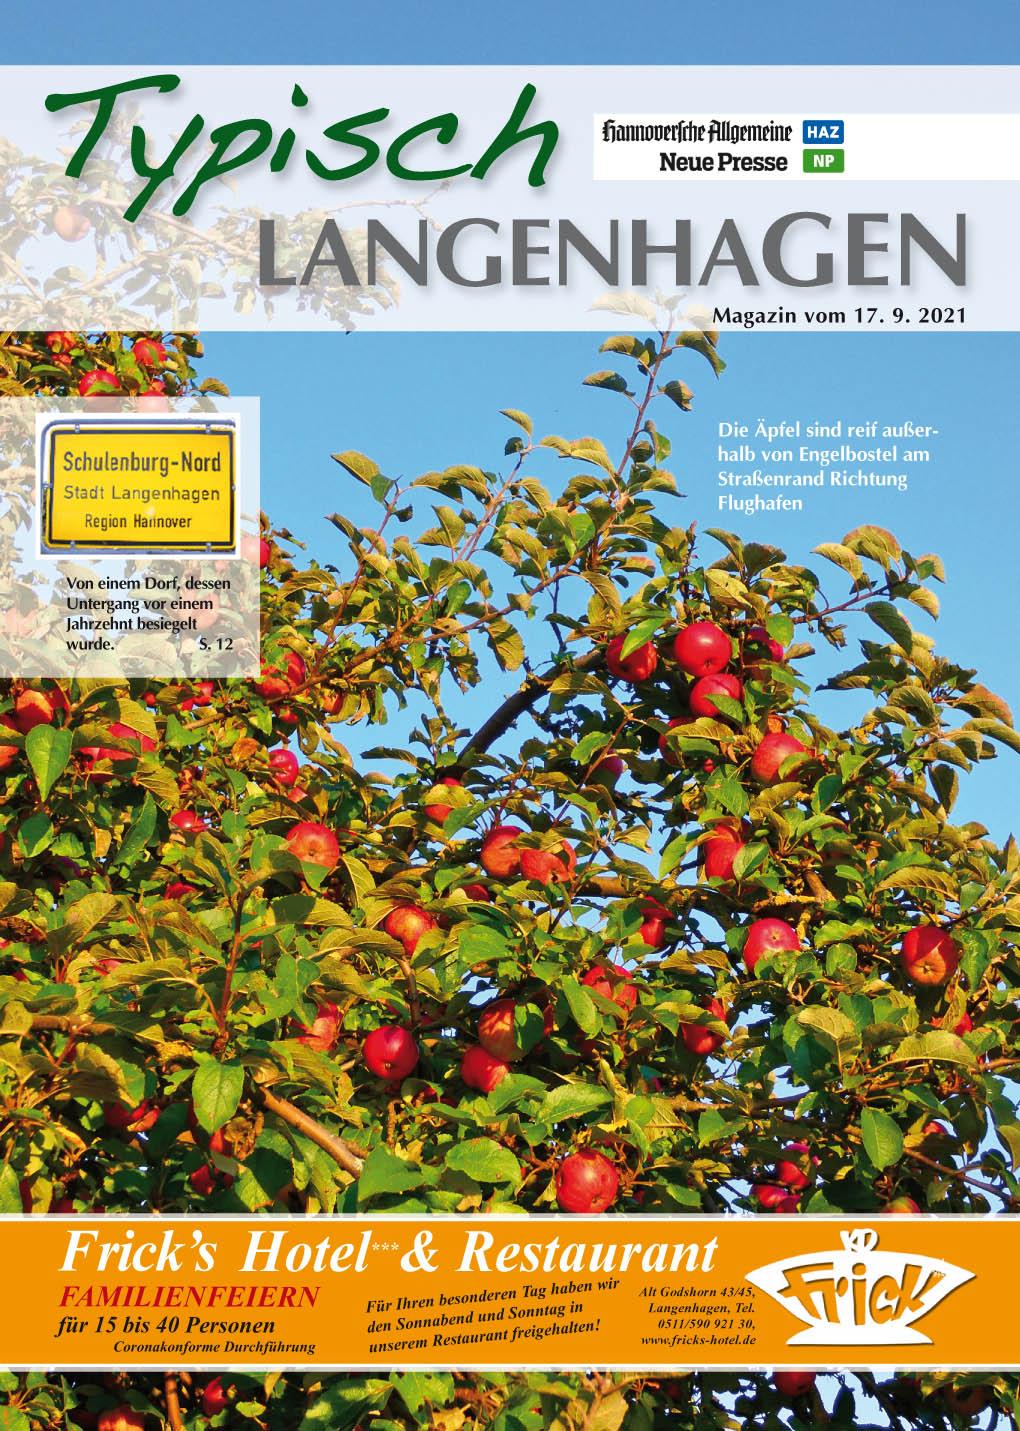 langenhagen 17.09.2021